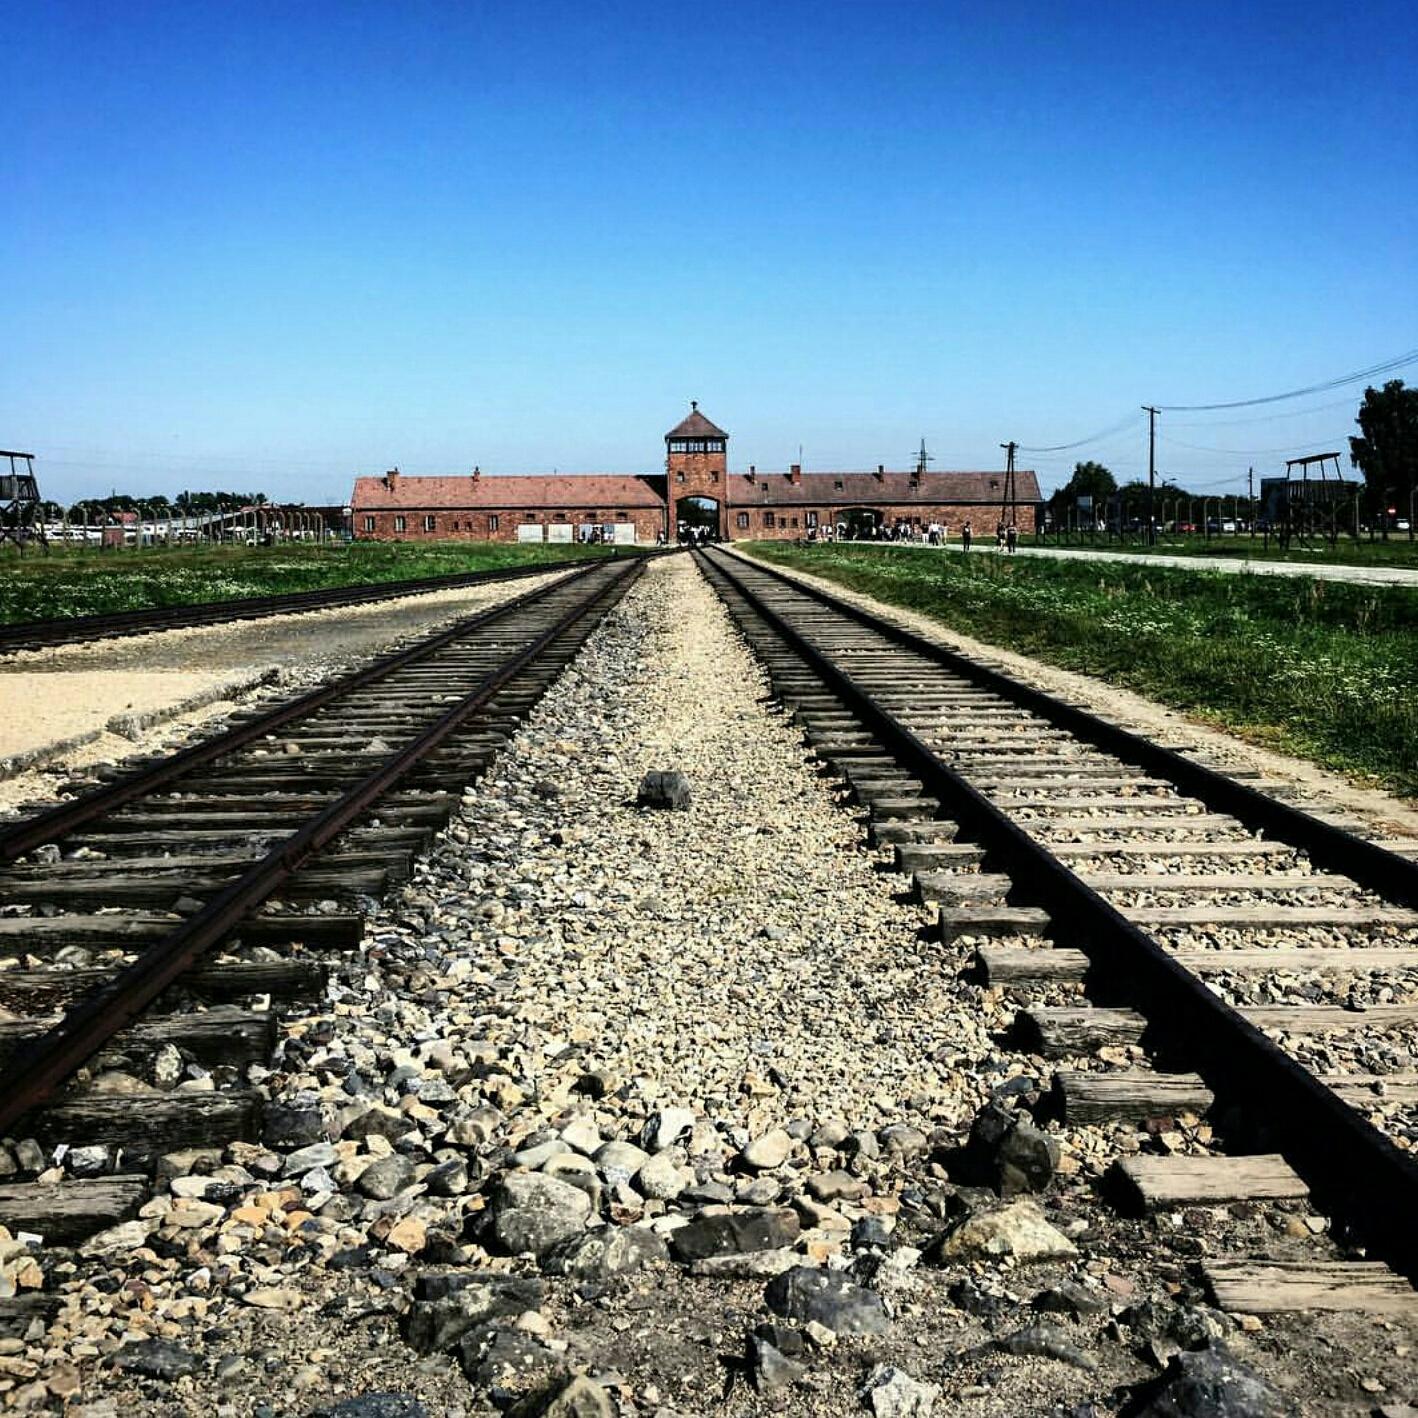 Entrada de trenes a Auschwitz II donde se encontraban las cámaras de gas